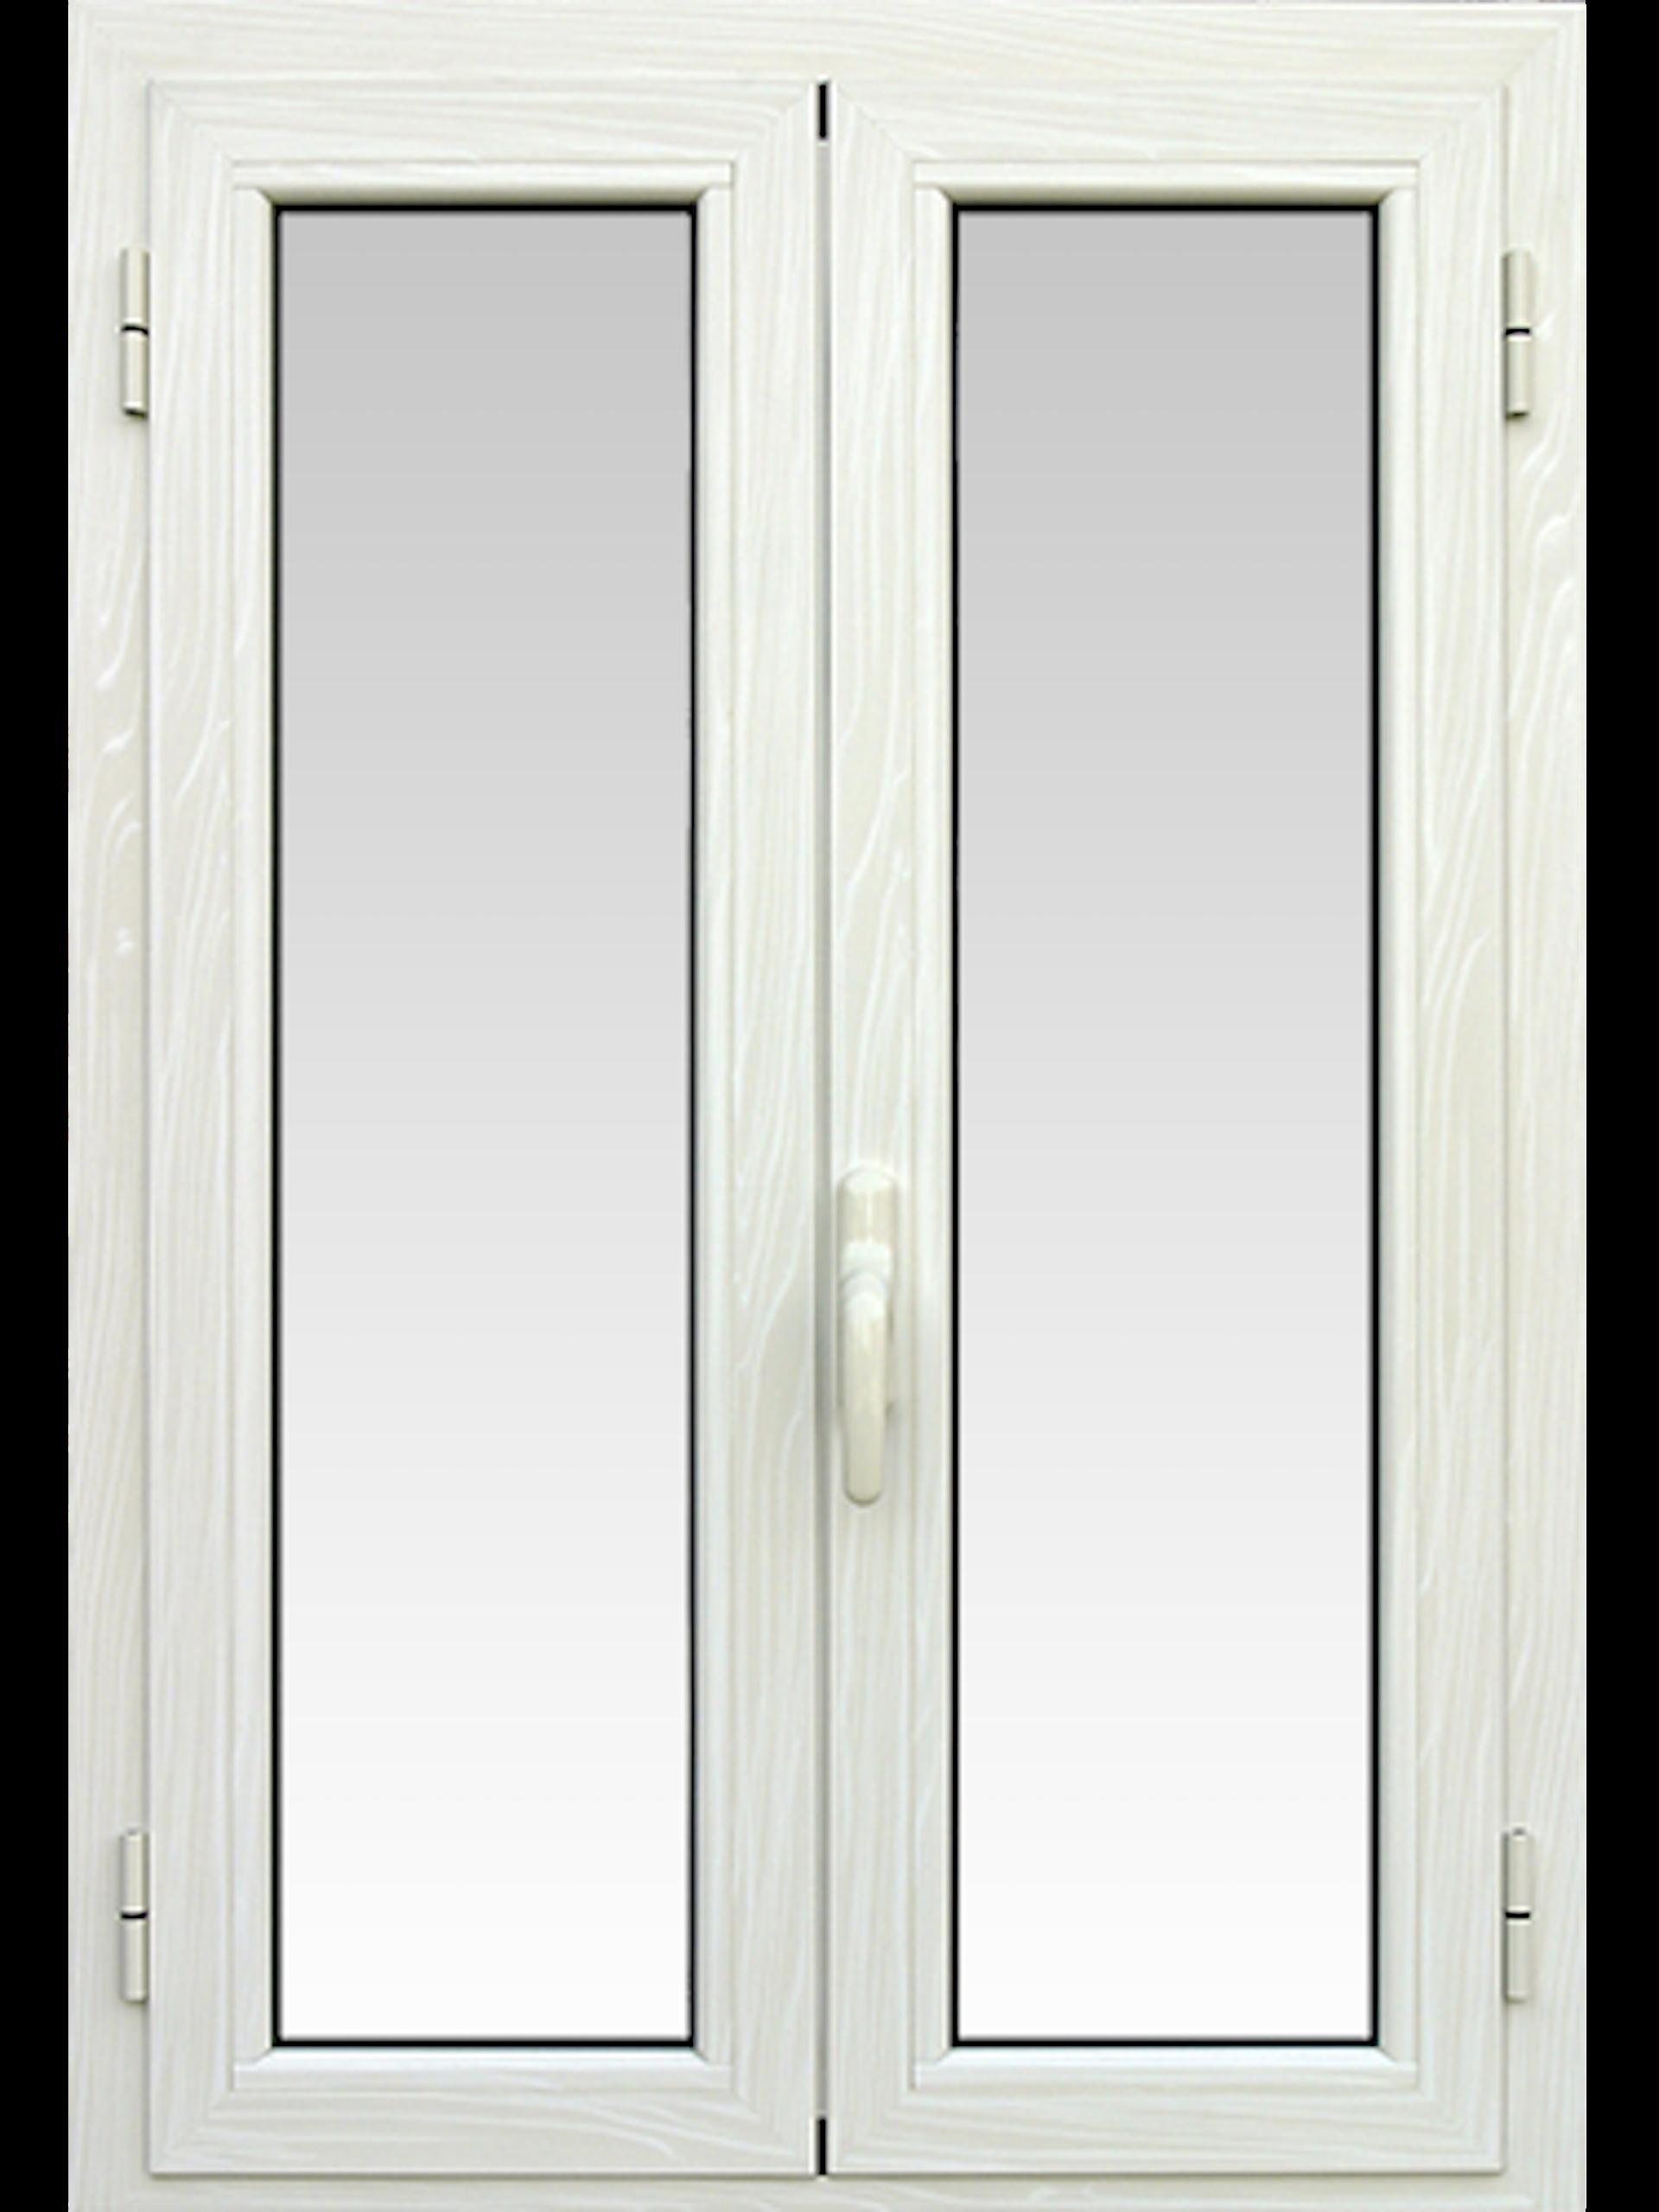 Finestra alluminio modelli download c4dzone - Costruire una finestra in alluminio ...